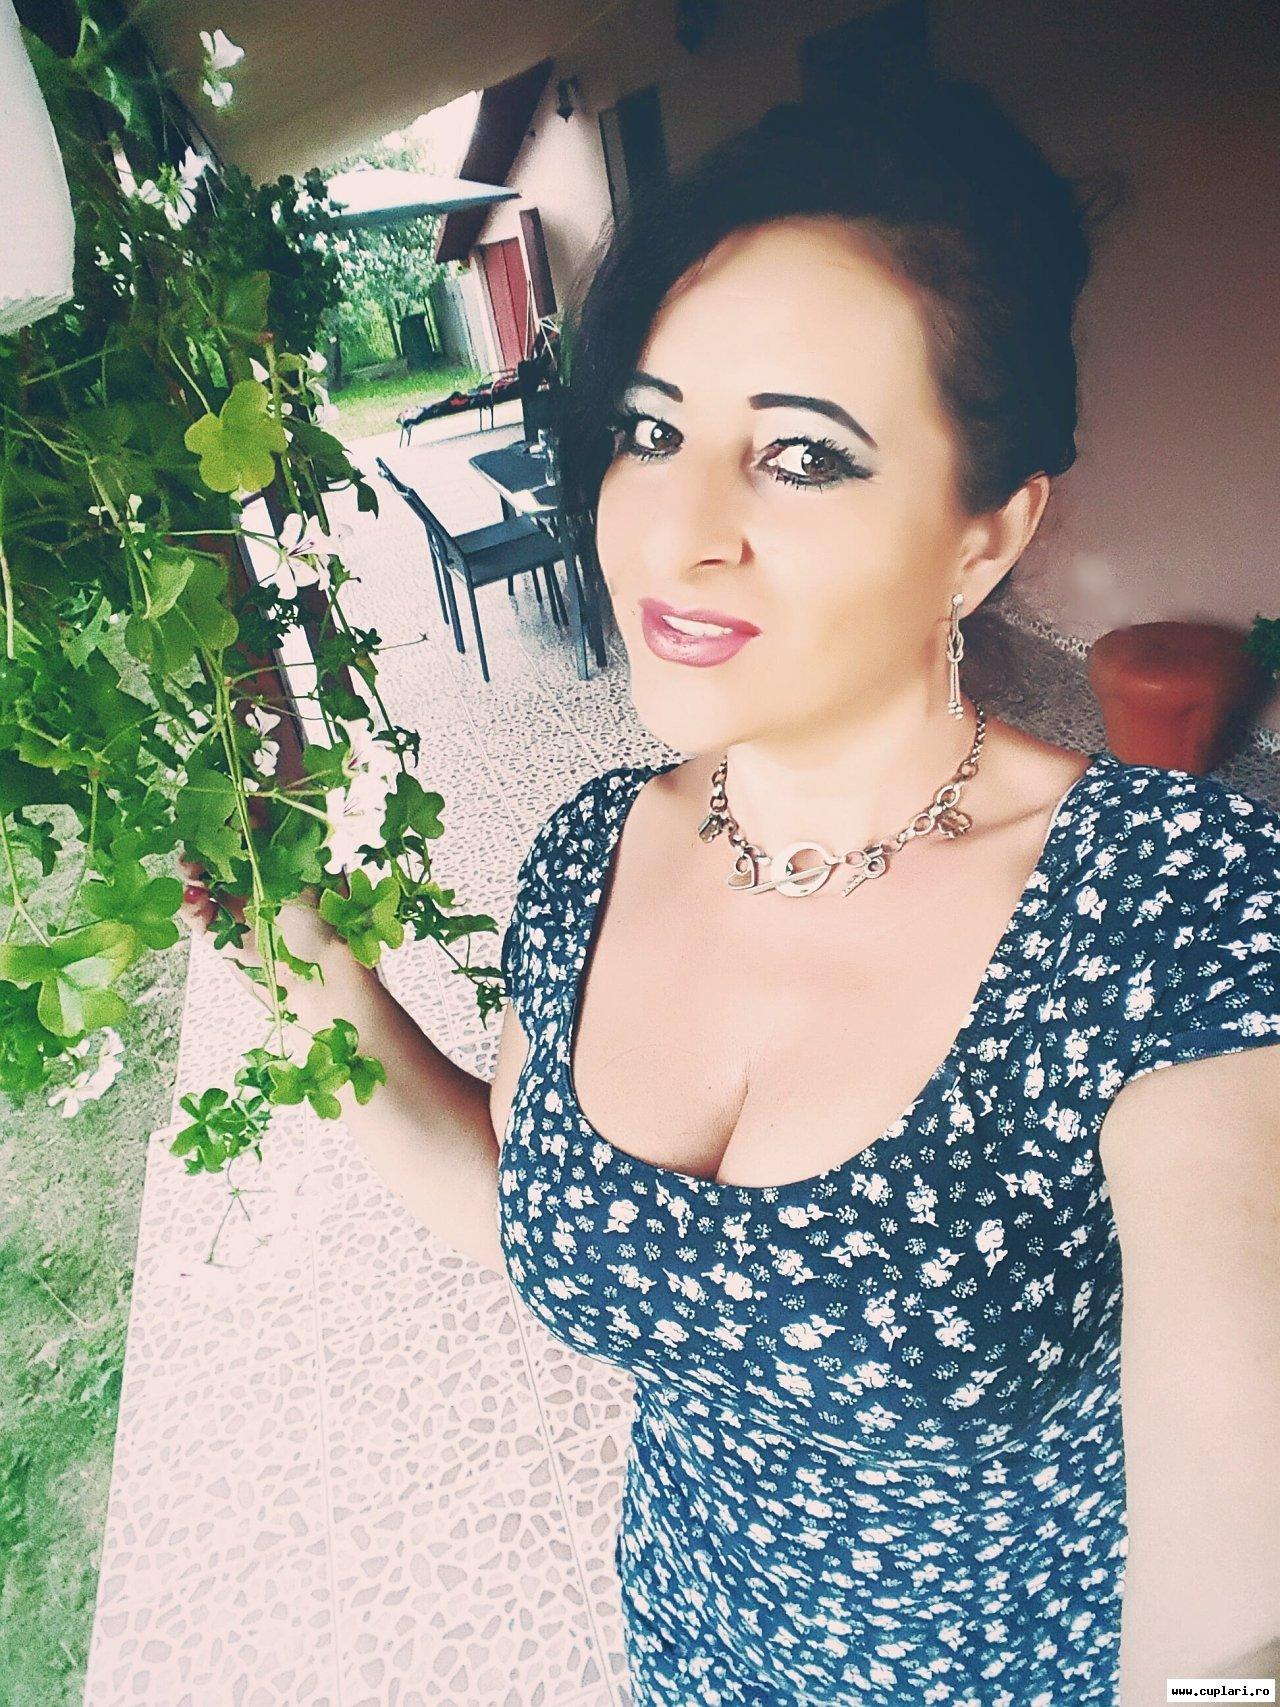 femeie caut baiat tanar un bărbat din Sibiu care cauta femei frumoase din Timișoara